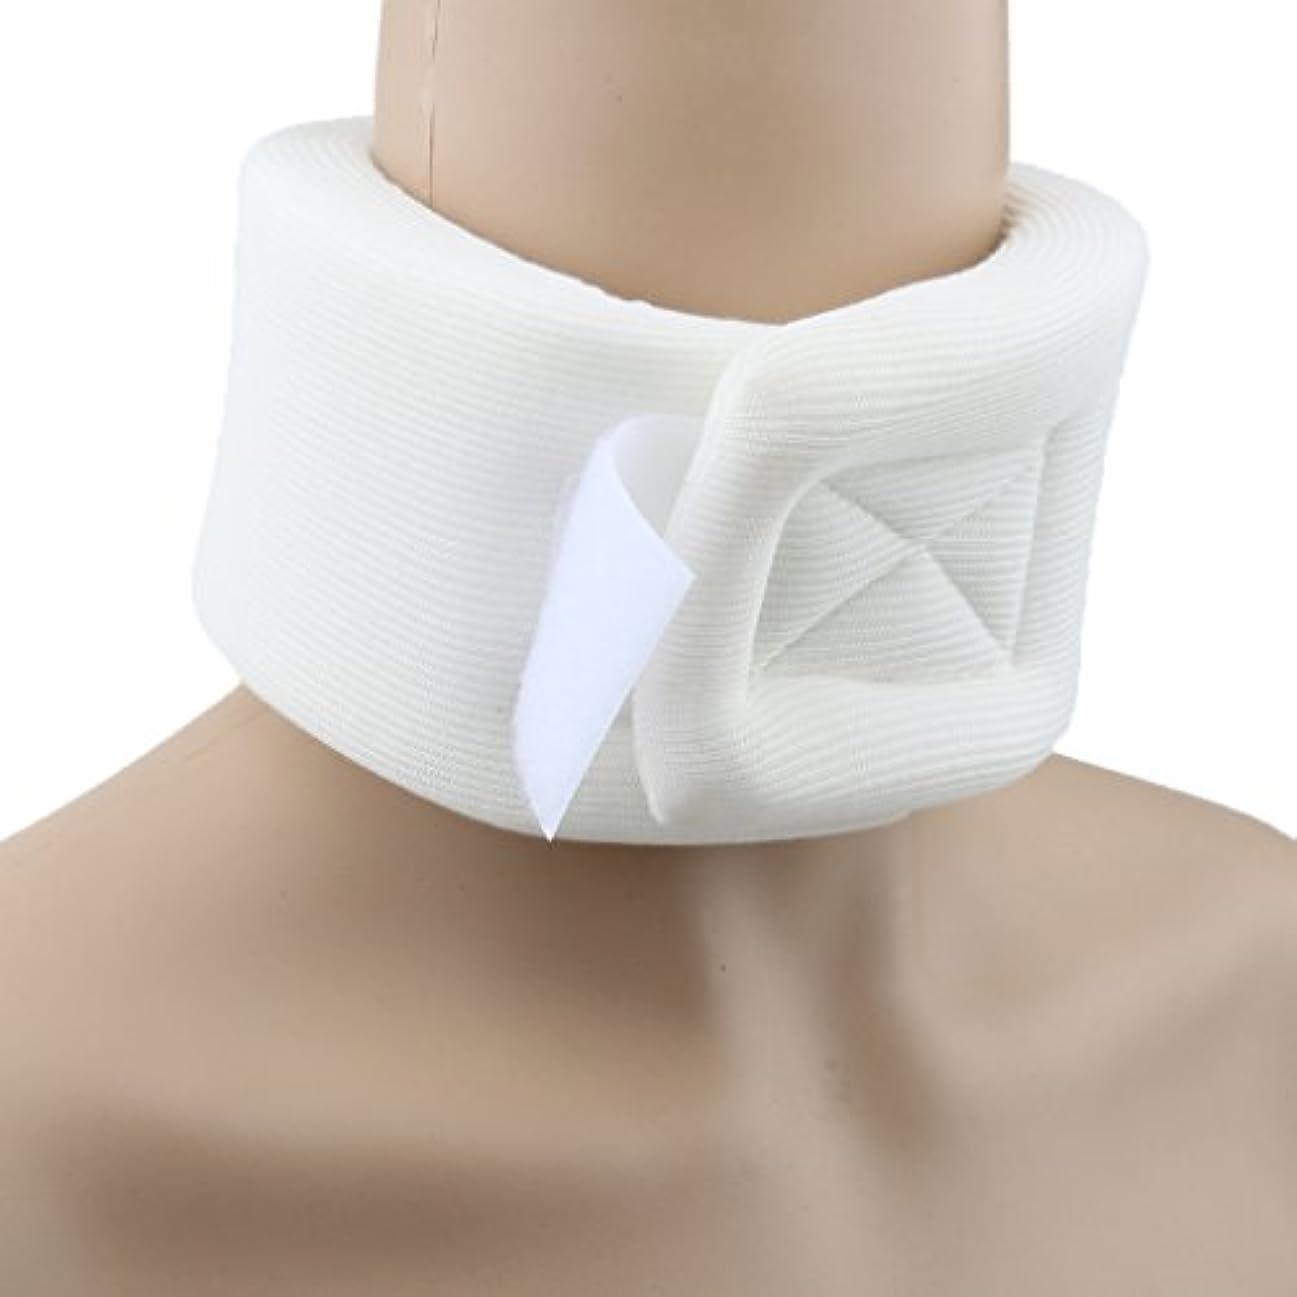 全能洞察力エーカー首サポーター 頸椎 ソフト頸椎カラー 首コルセット ベージュ スポンジ 男女兼用